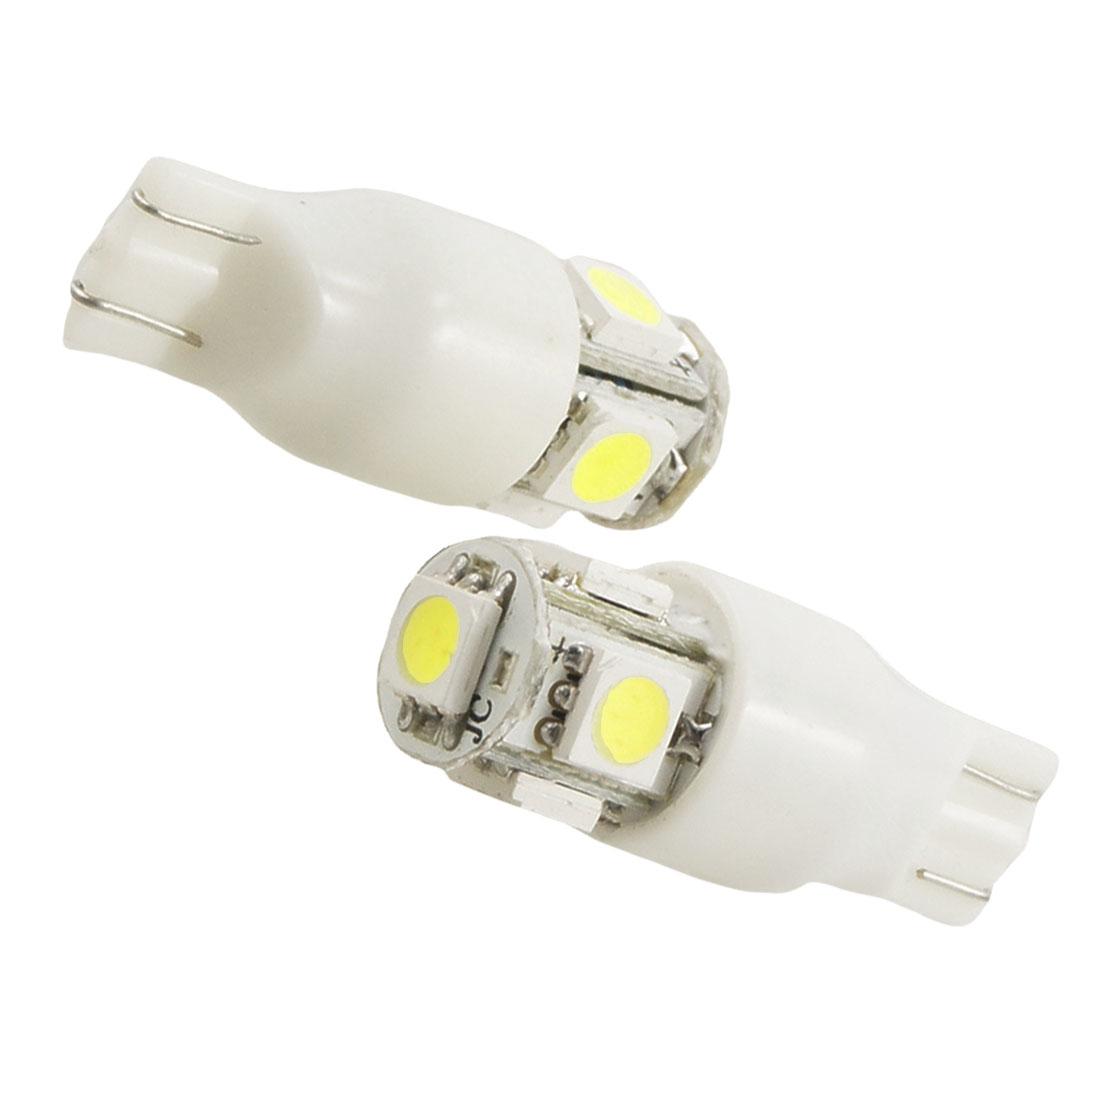 Car T15 5050 5 SMD White LED Stop Tail Light Bulb 2 Pcs